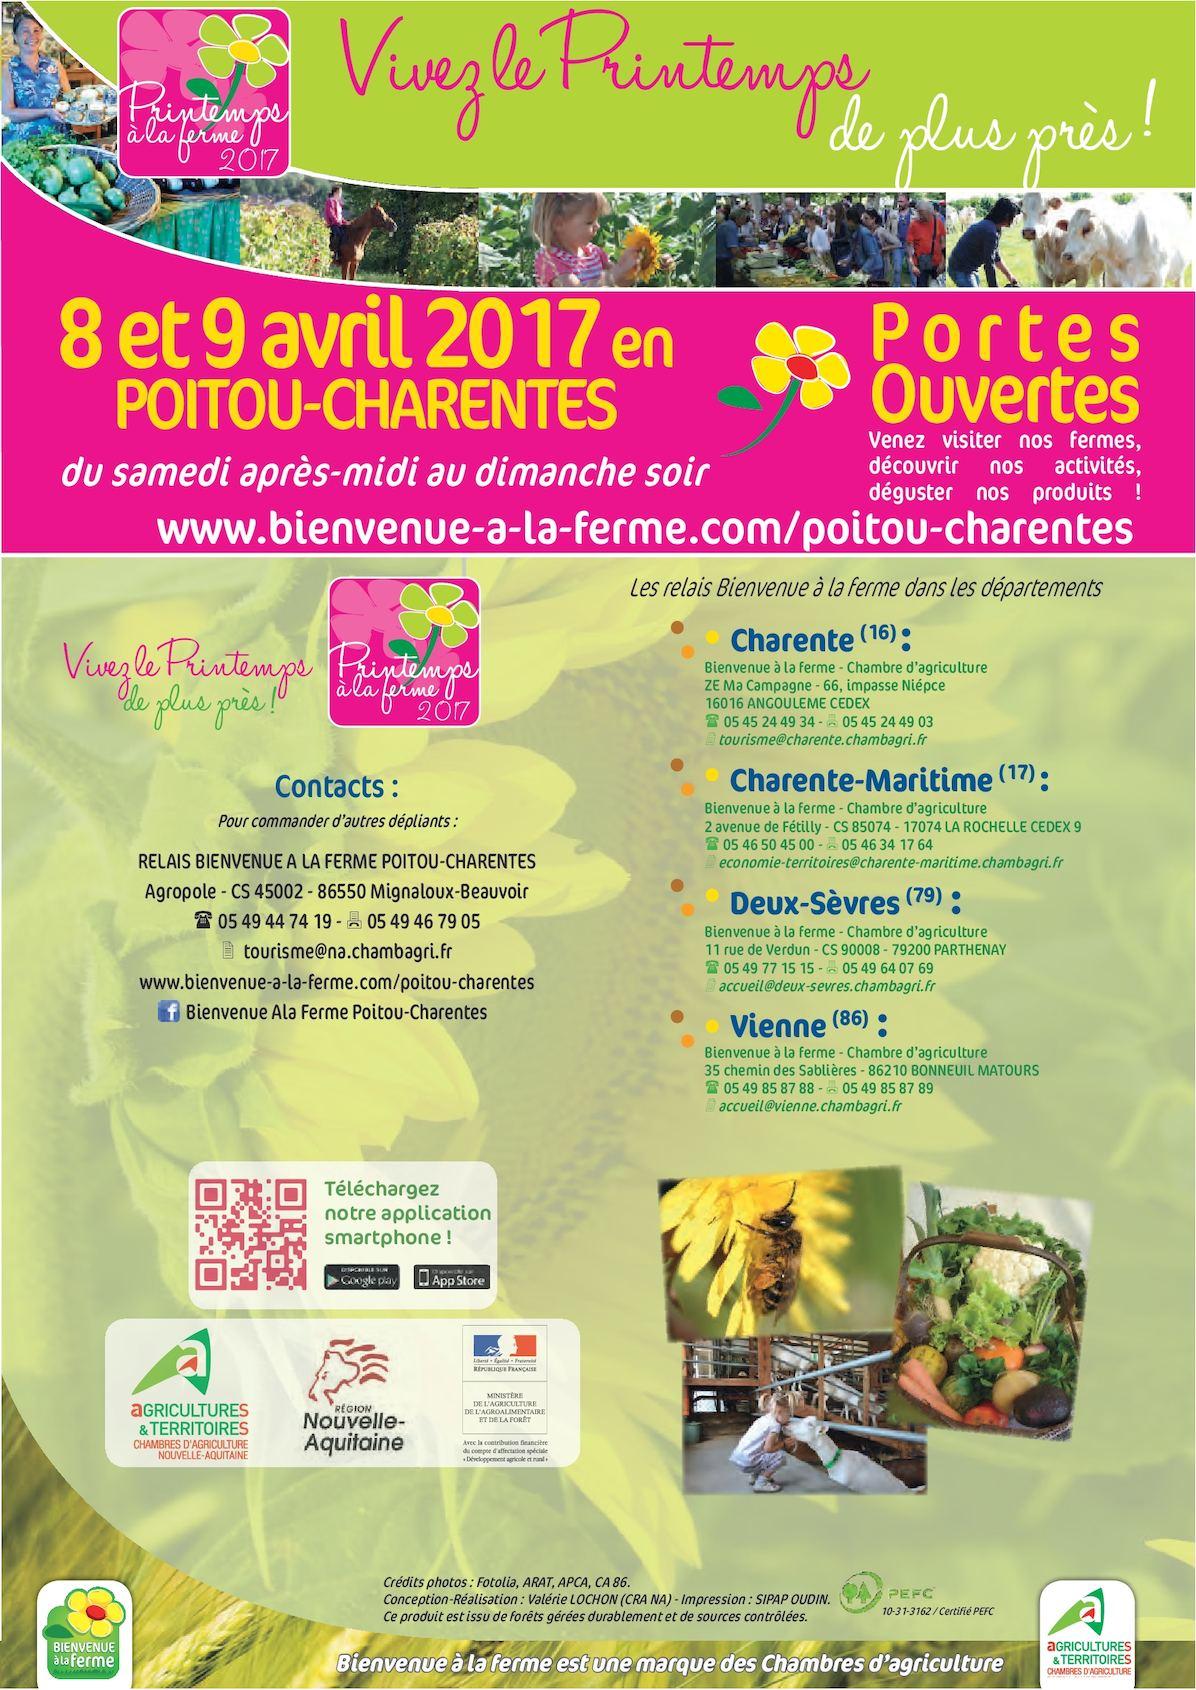 Calaméo Portes ouvertes 8 et 9 avril 2017